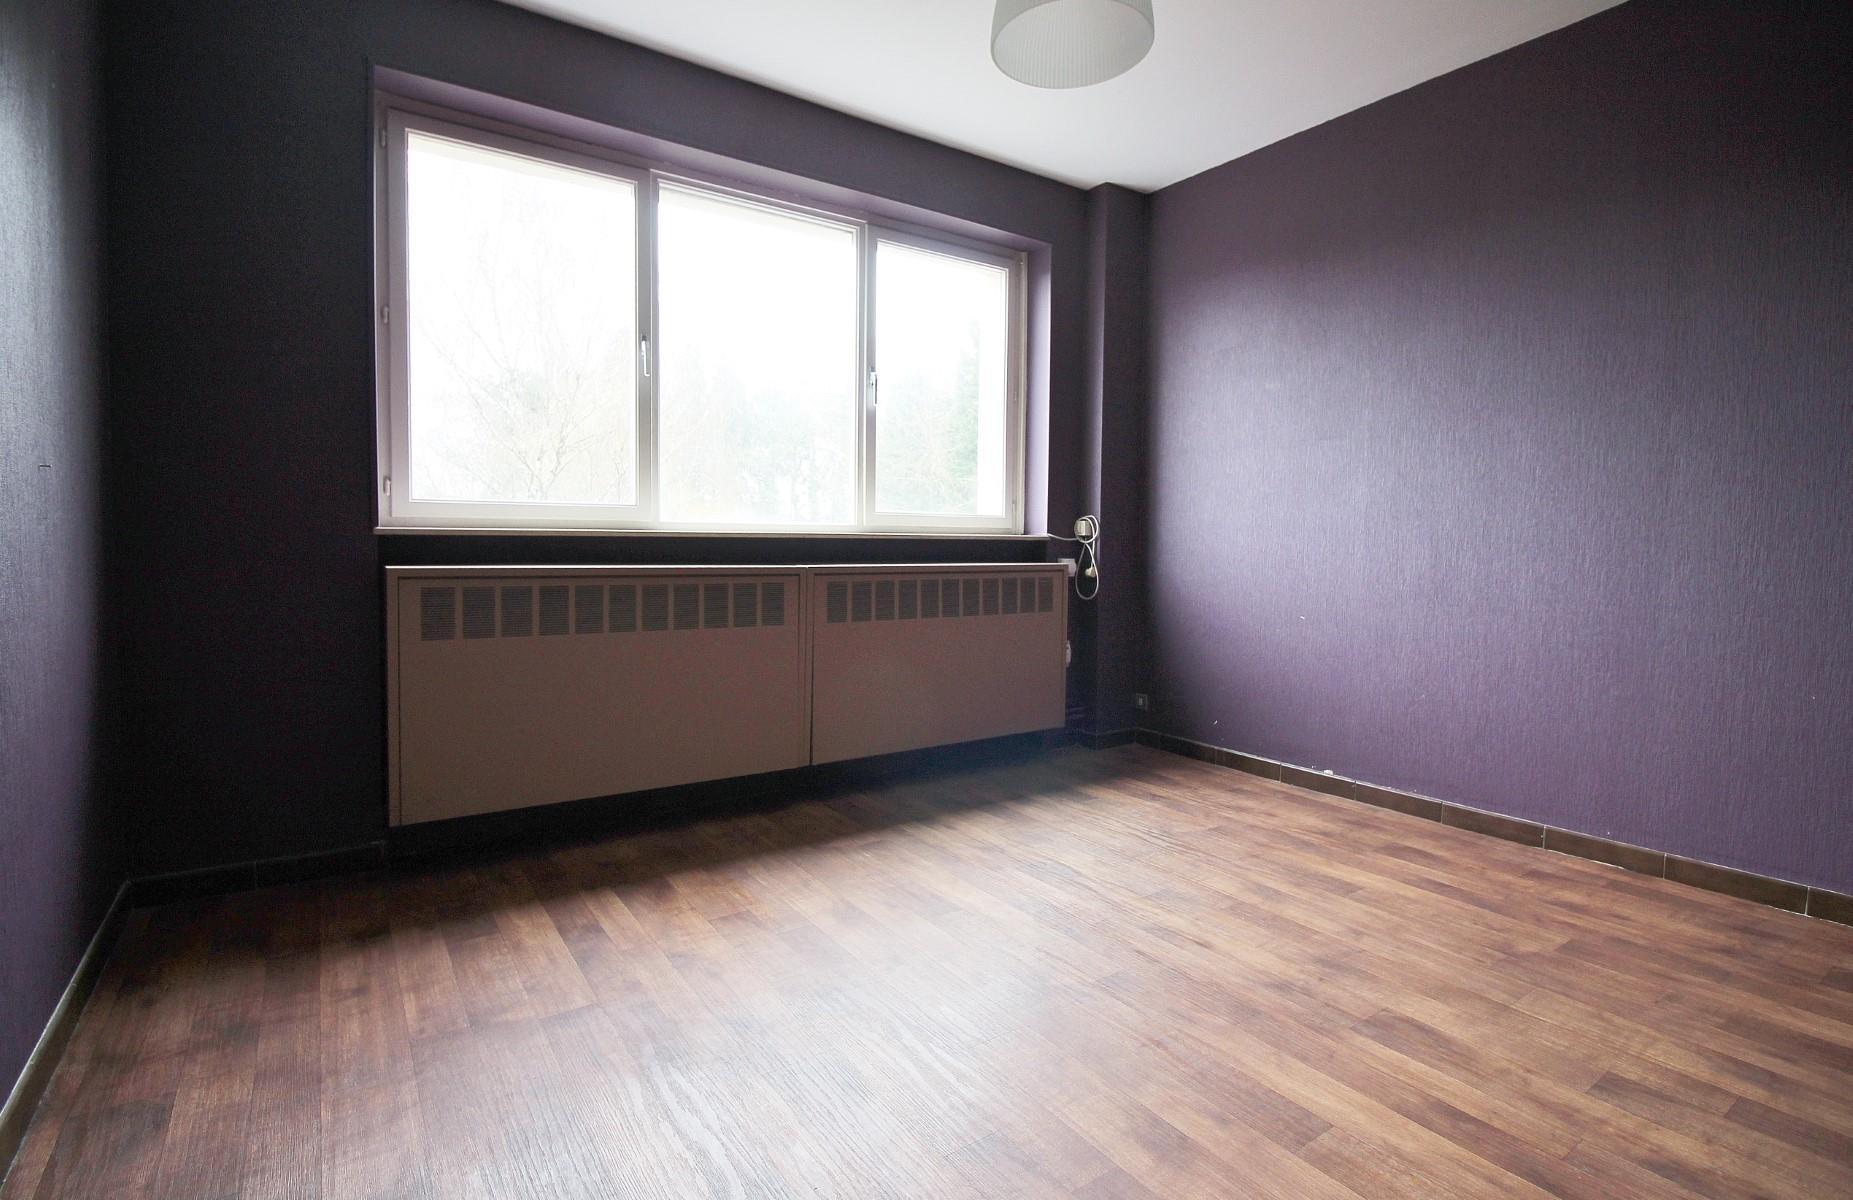 Appartement - Seraing - #4025985-7